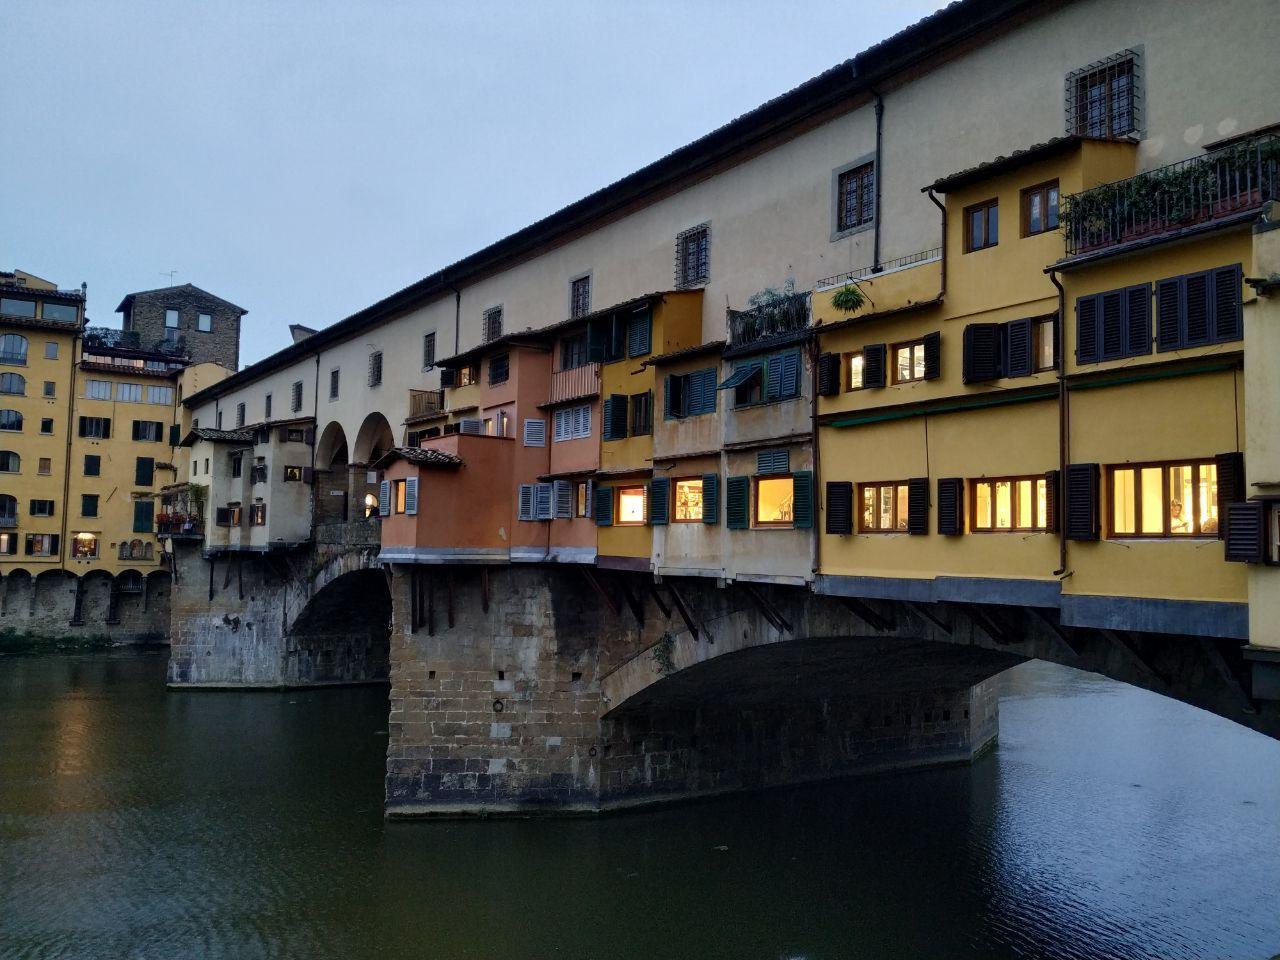 سفر به اروپا – قسمت دوم، ایتالیا